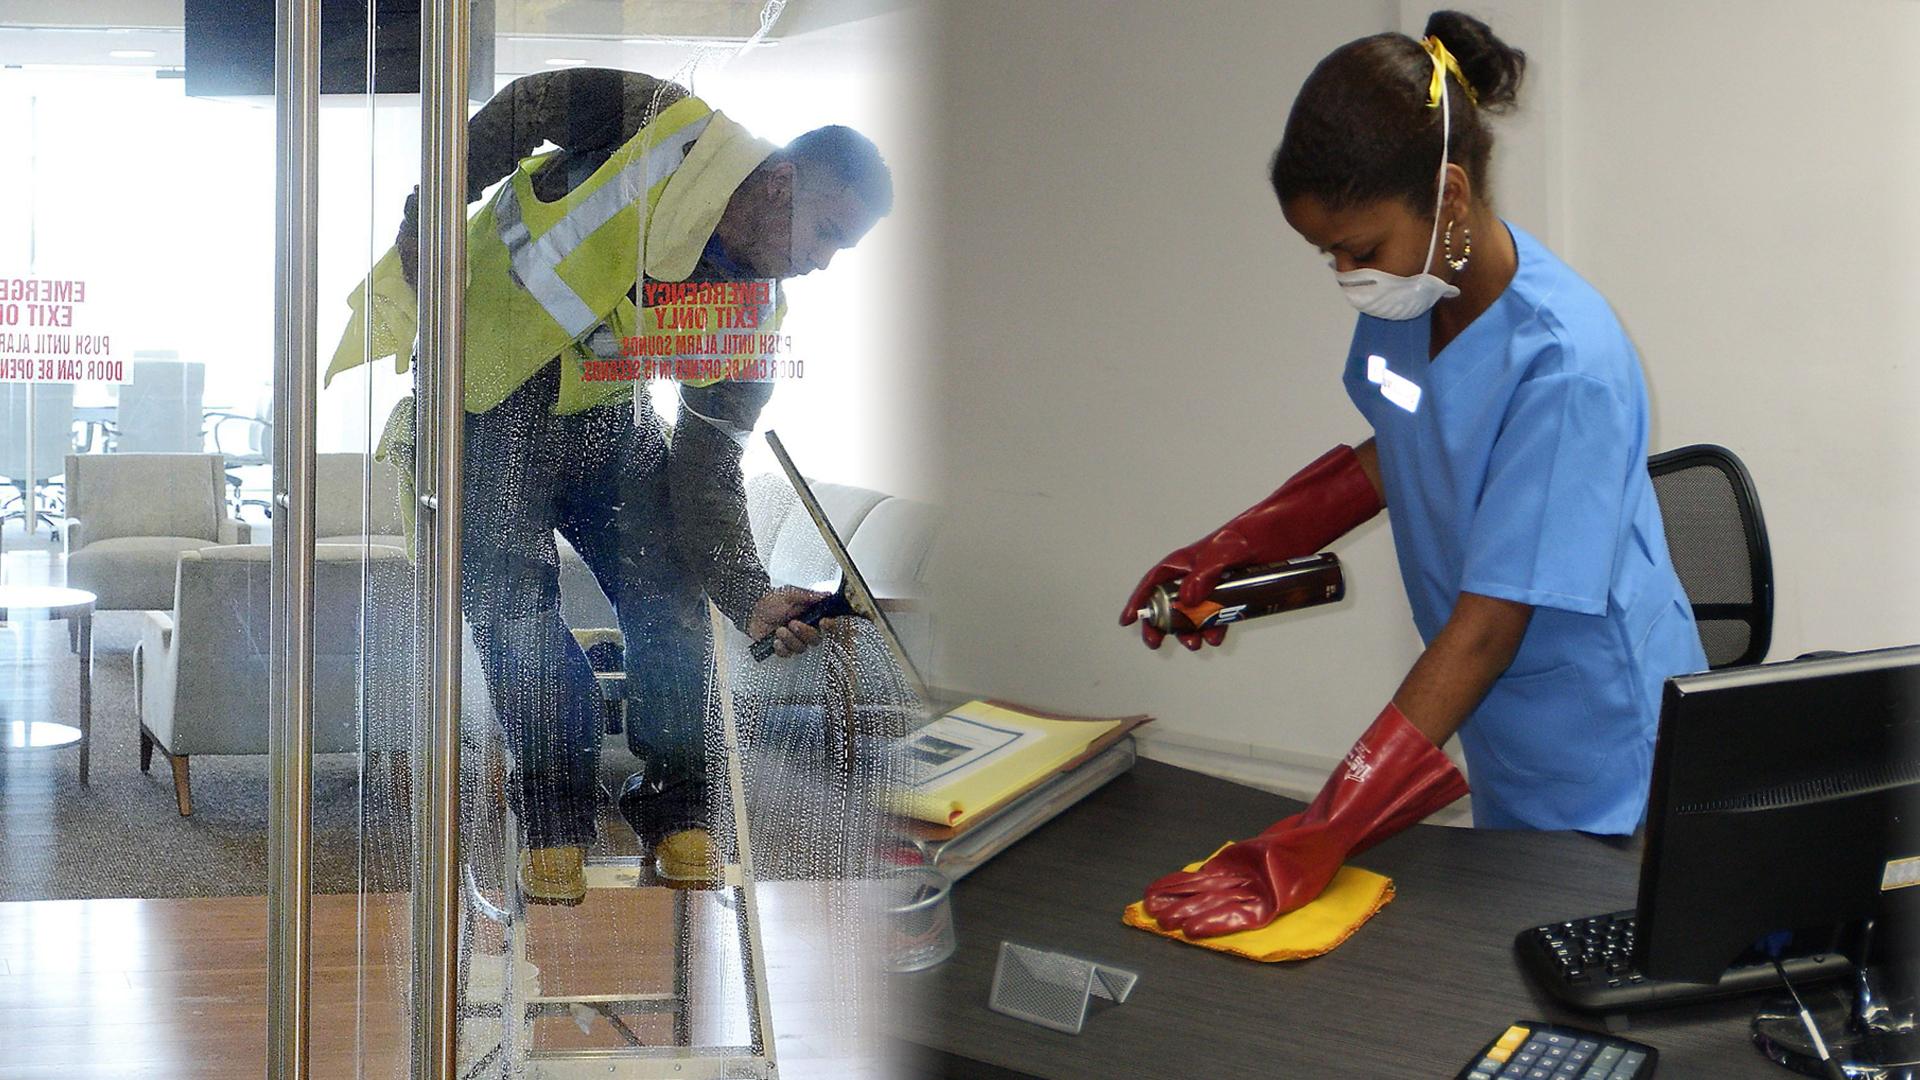 Mejor empresa de limpieza conslymp madrid 911610130 for Limpieza oficinas